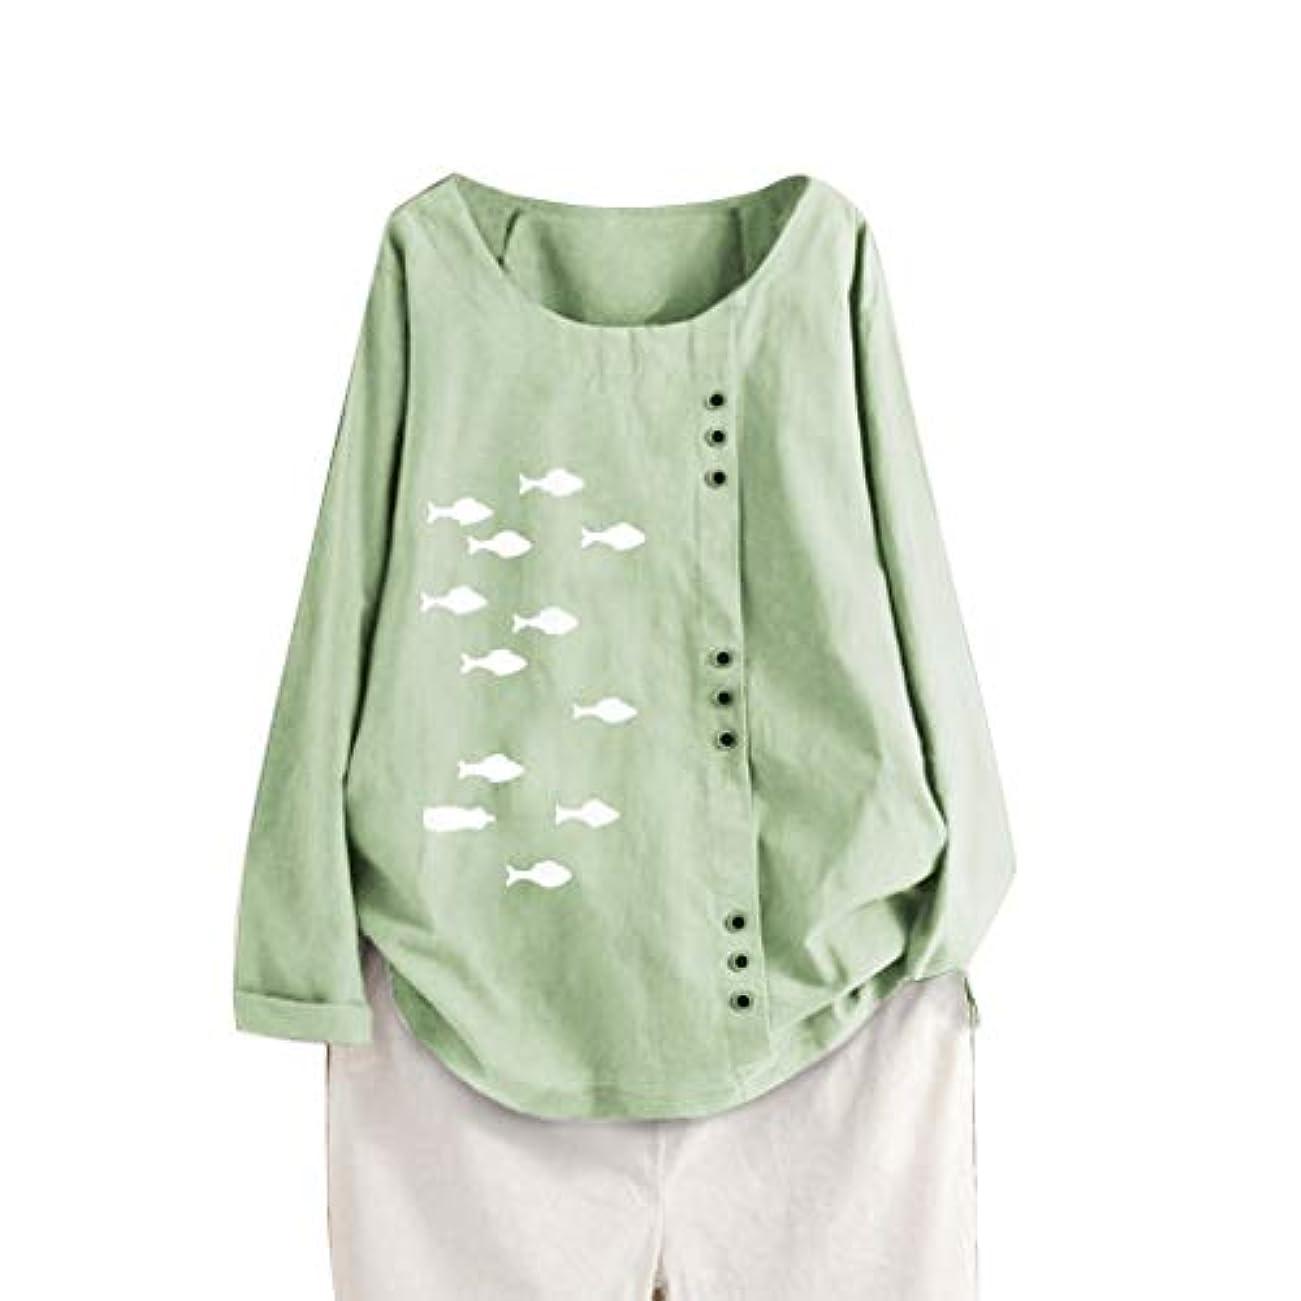 苦しむ従事した最近亜麻 ティーシャツ メンズ 純色 Vネック 綿麻 ブレンド 気持ち良い 半袖 ワッフル サーマル スウェット 薄手 上着 多選択 若者 気質 流行 春夏対応 日系 カットソー 和式 Tシャツ 人気商品